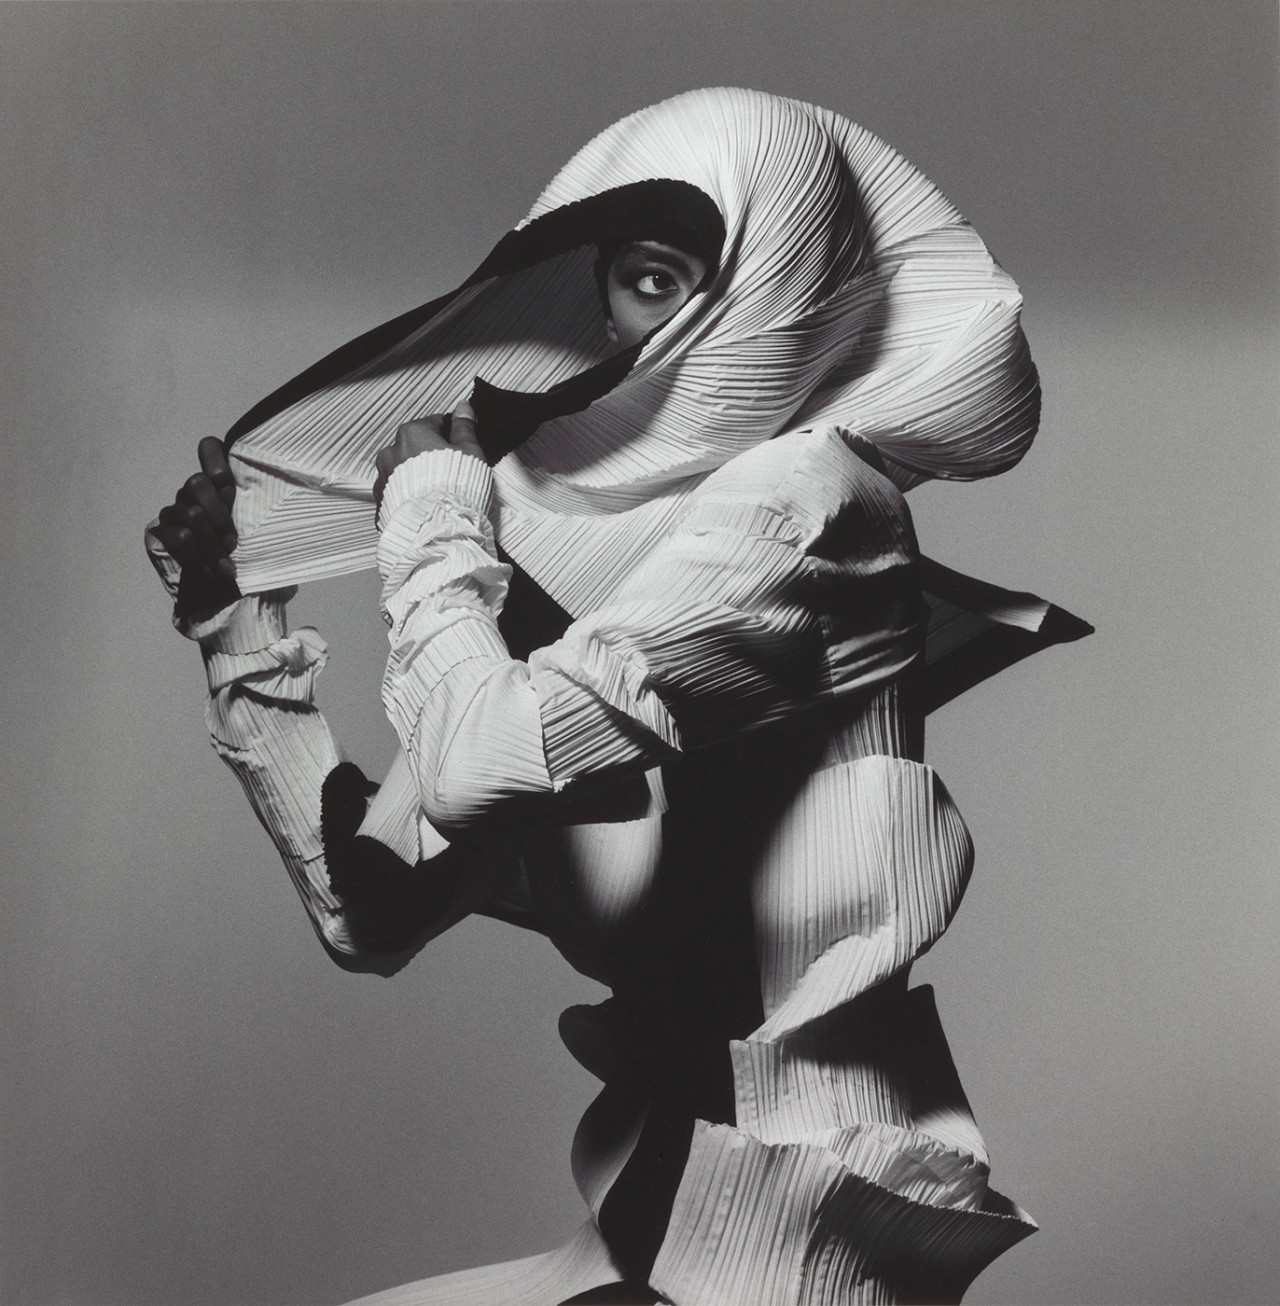 Irving Penn - Issey Miyake, 1990